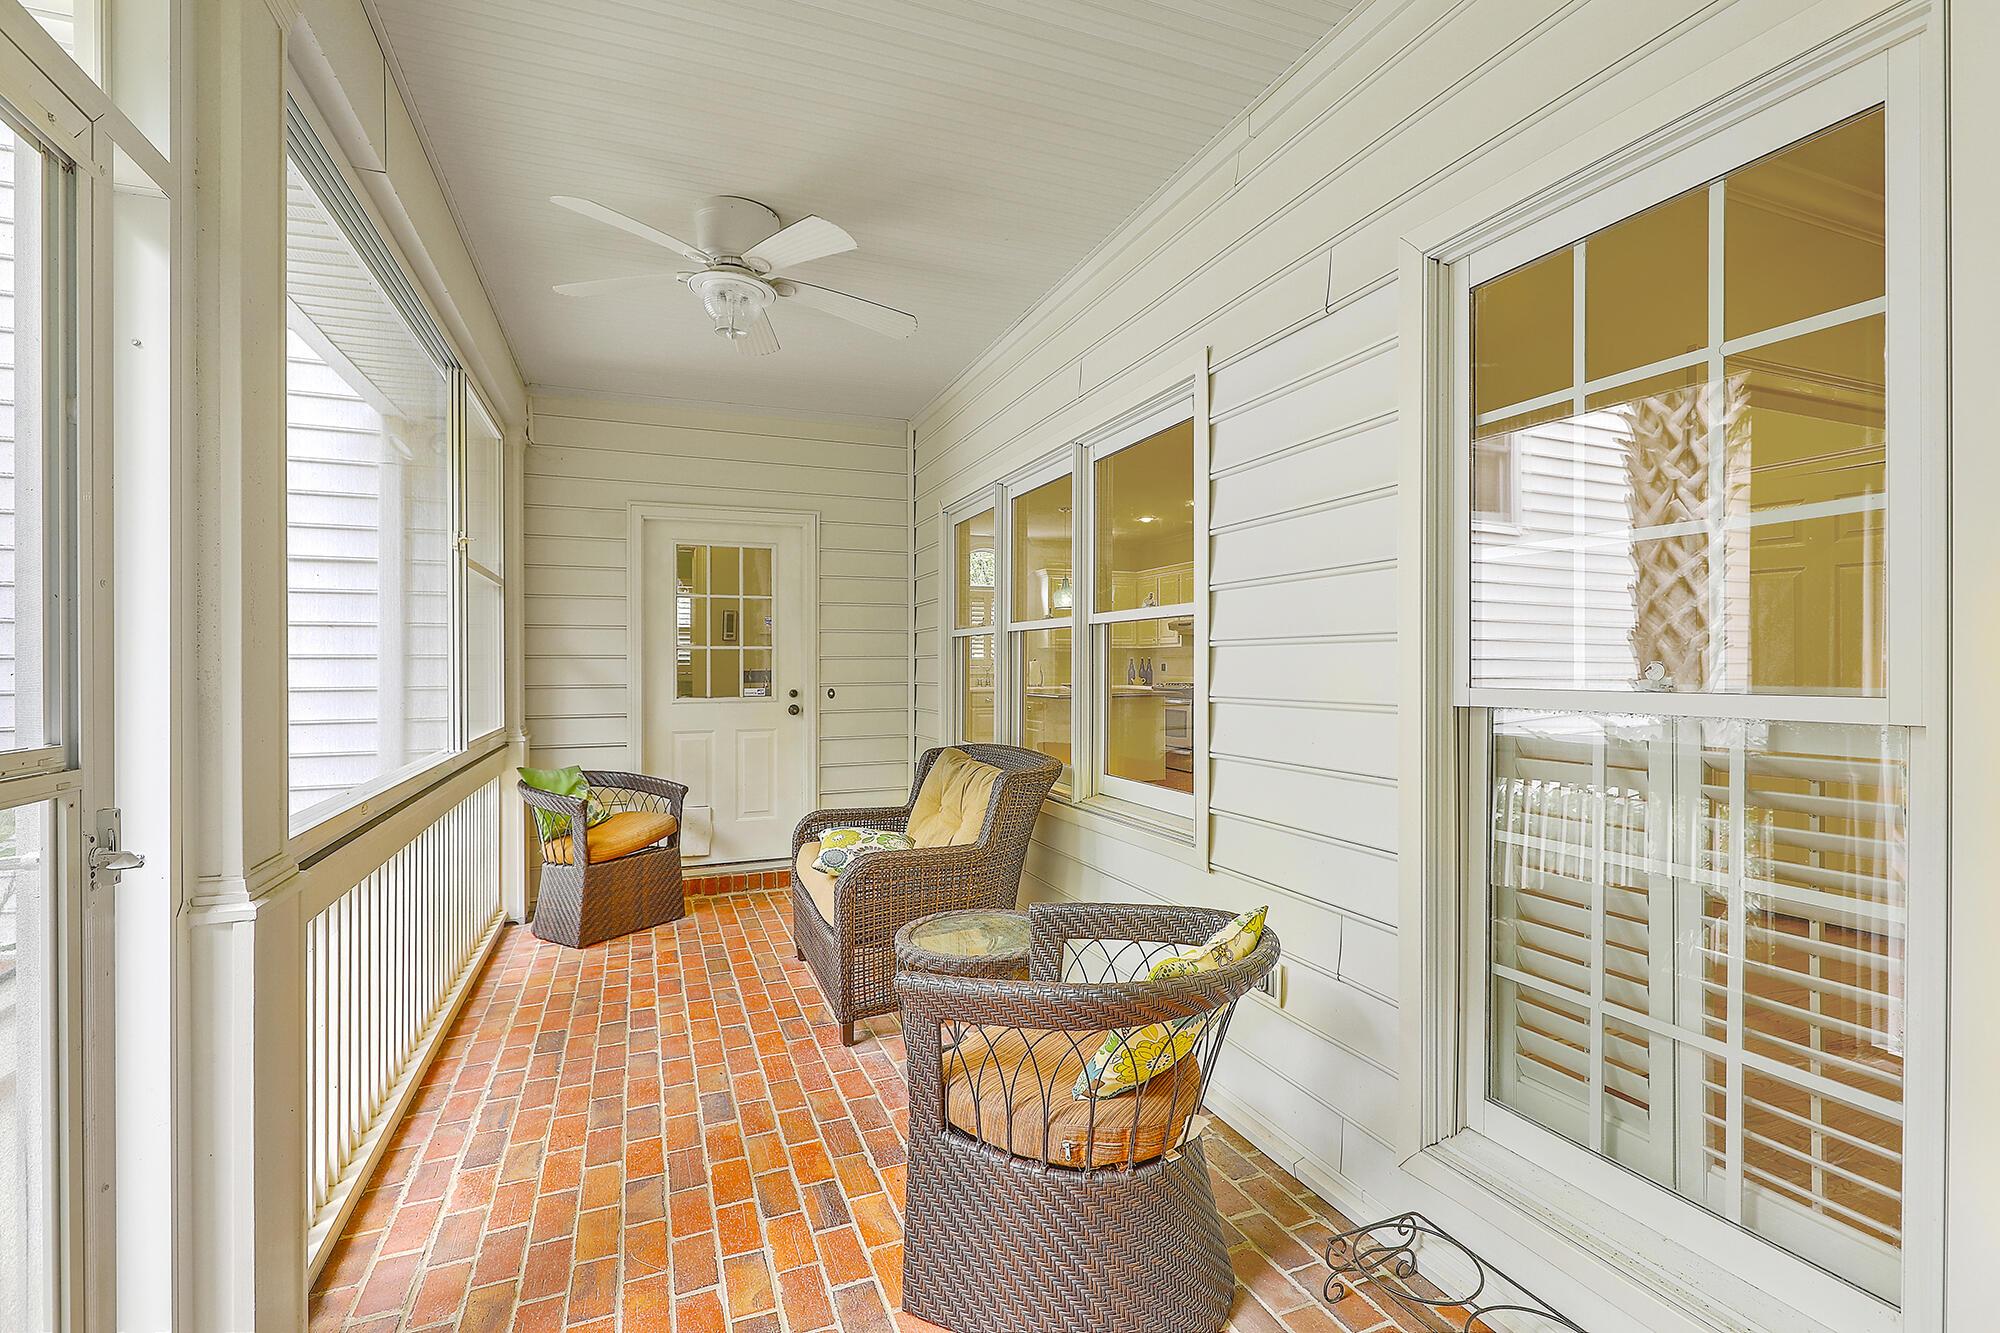 Stiles Point Plantation Homes For Sale - 816 Whispering Marsh, Charleston, SC - 6